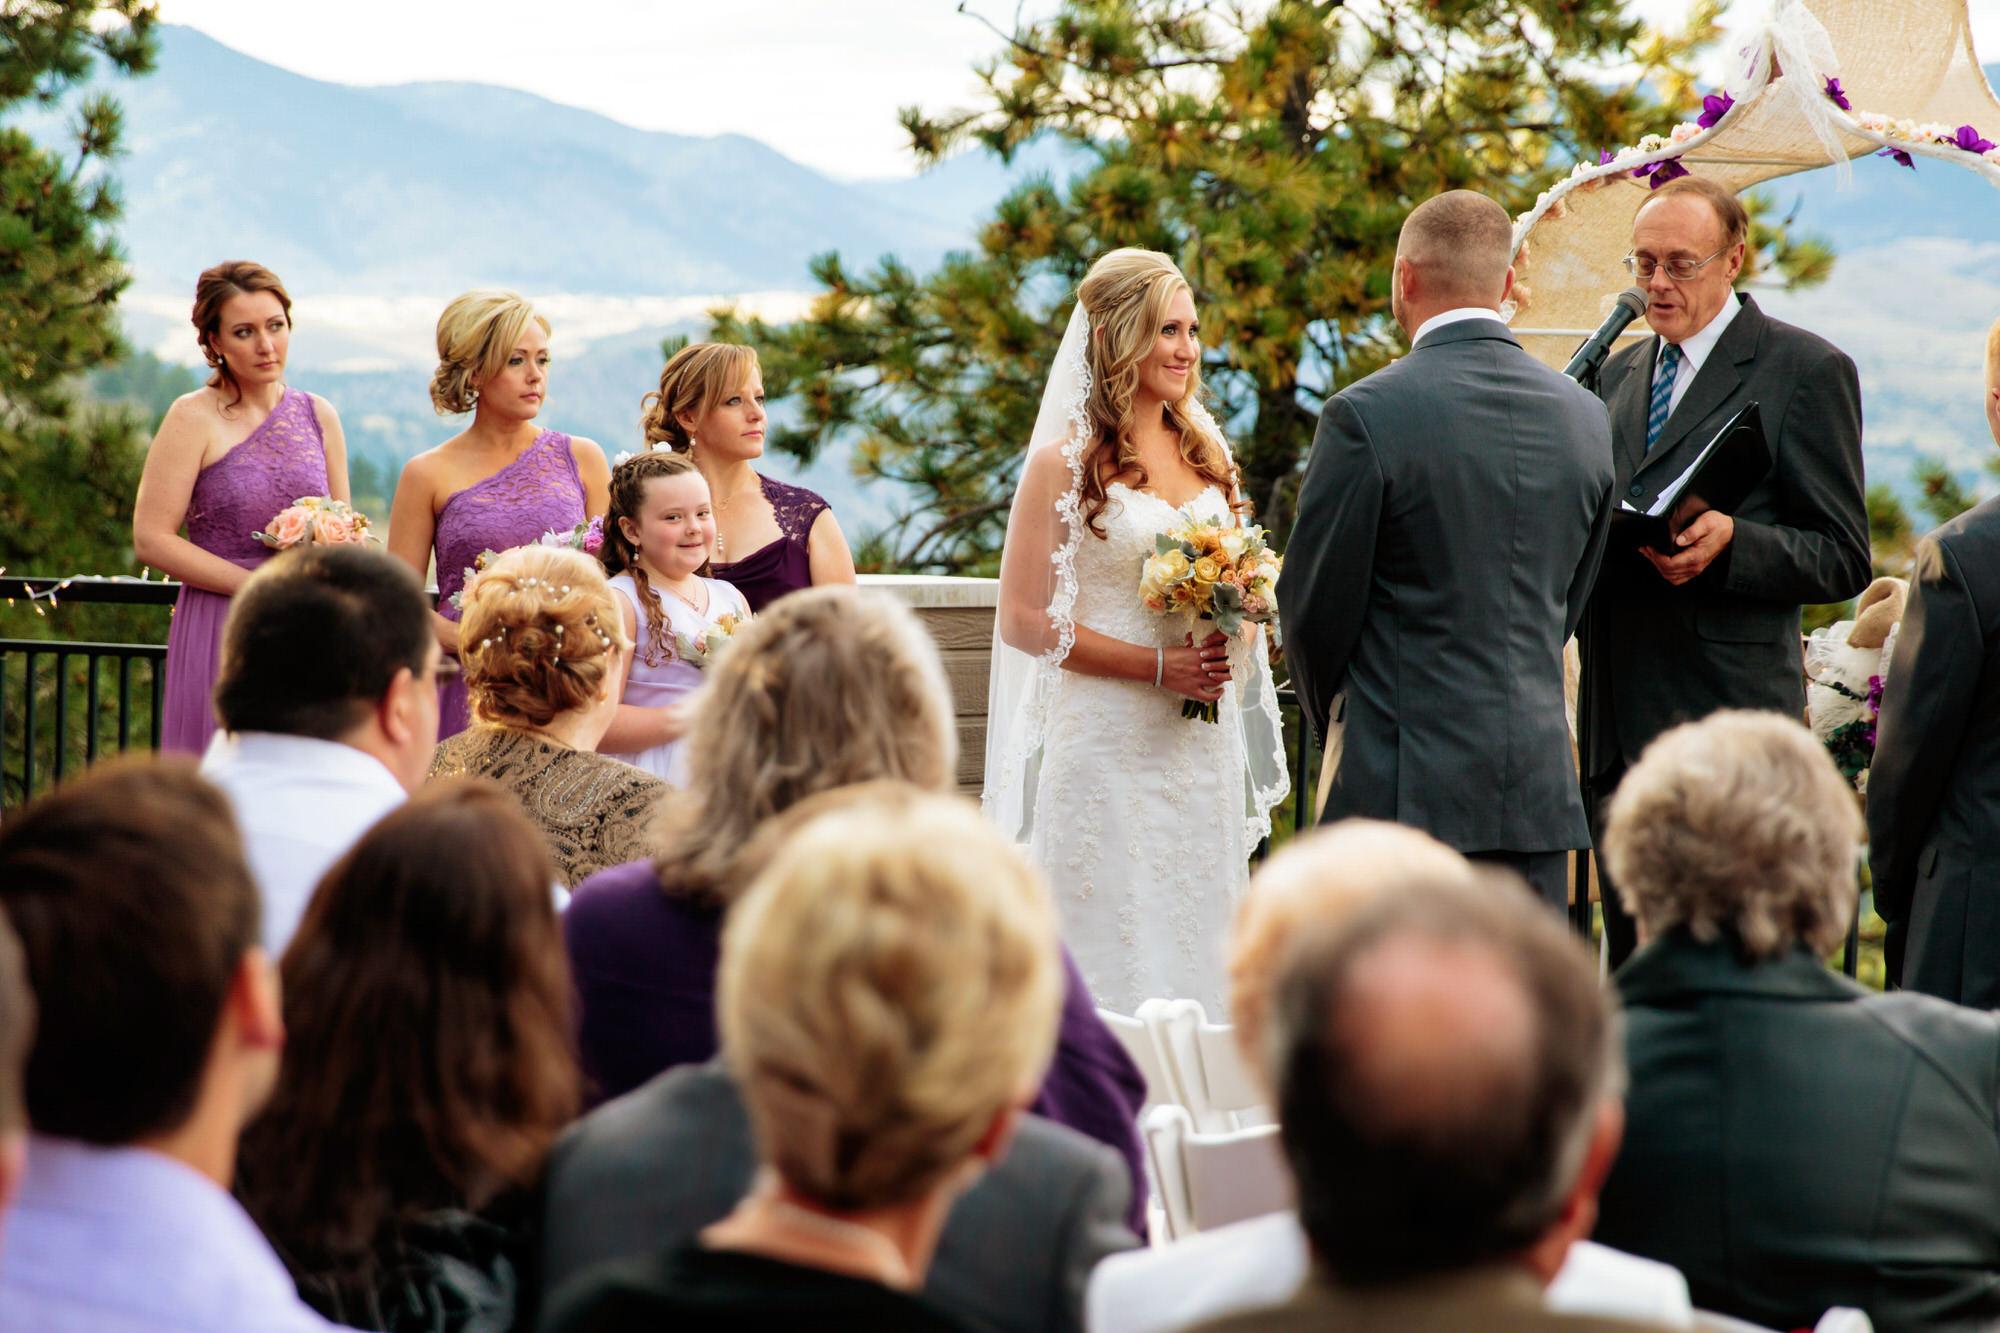 mount-vernon-canyon-club-wedding-061.jpg